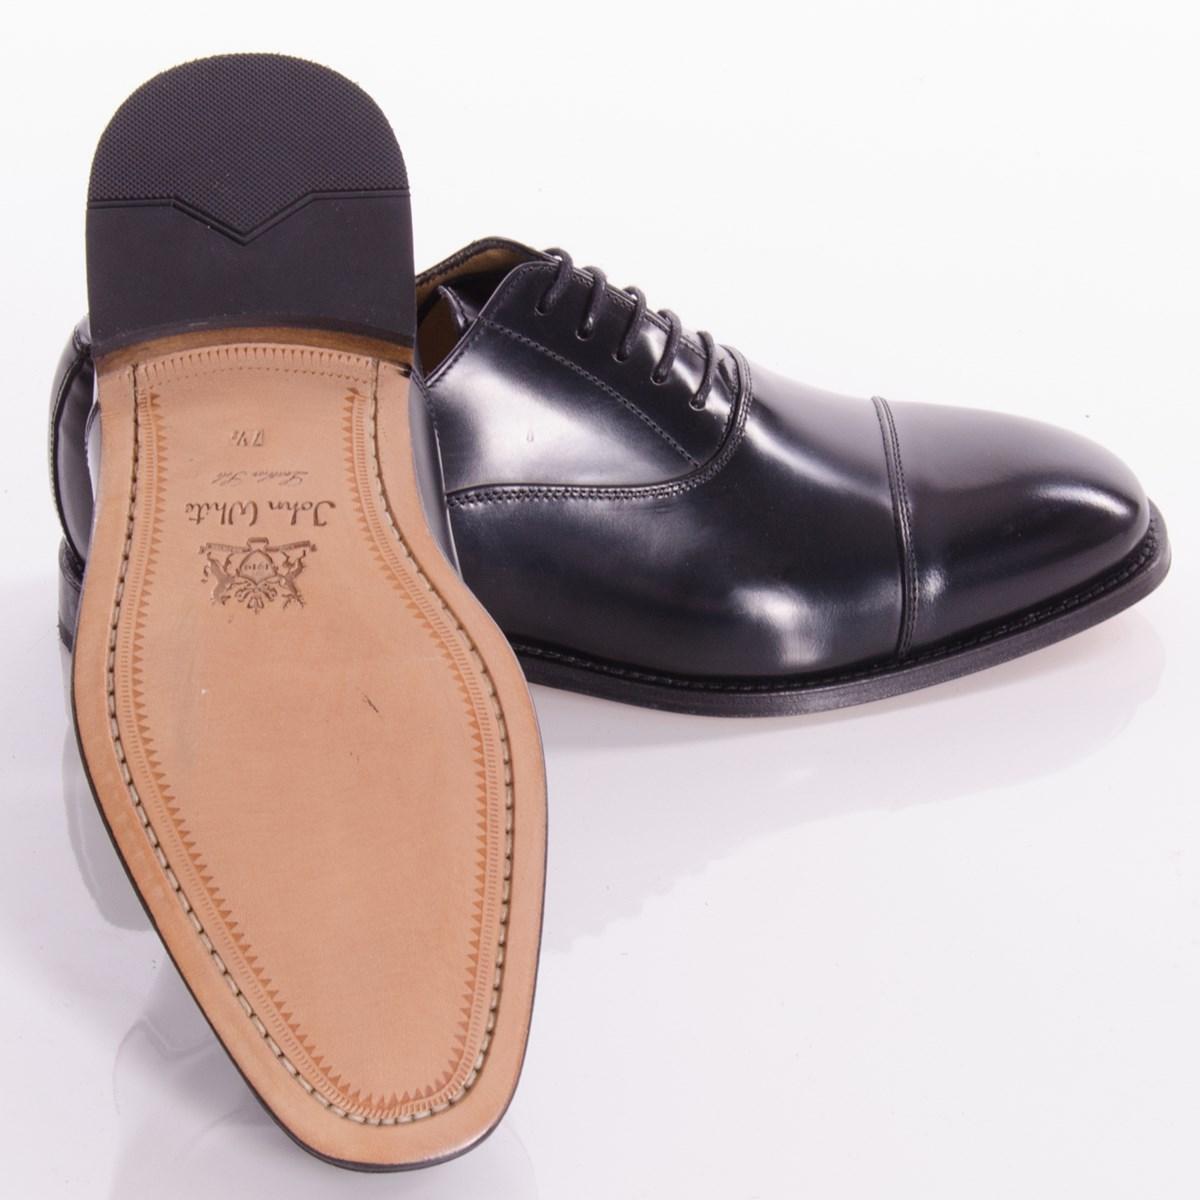 a86ae301172c89 Oxford Black Polished Shoes By John White · john_white_1203037_oxford-2